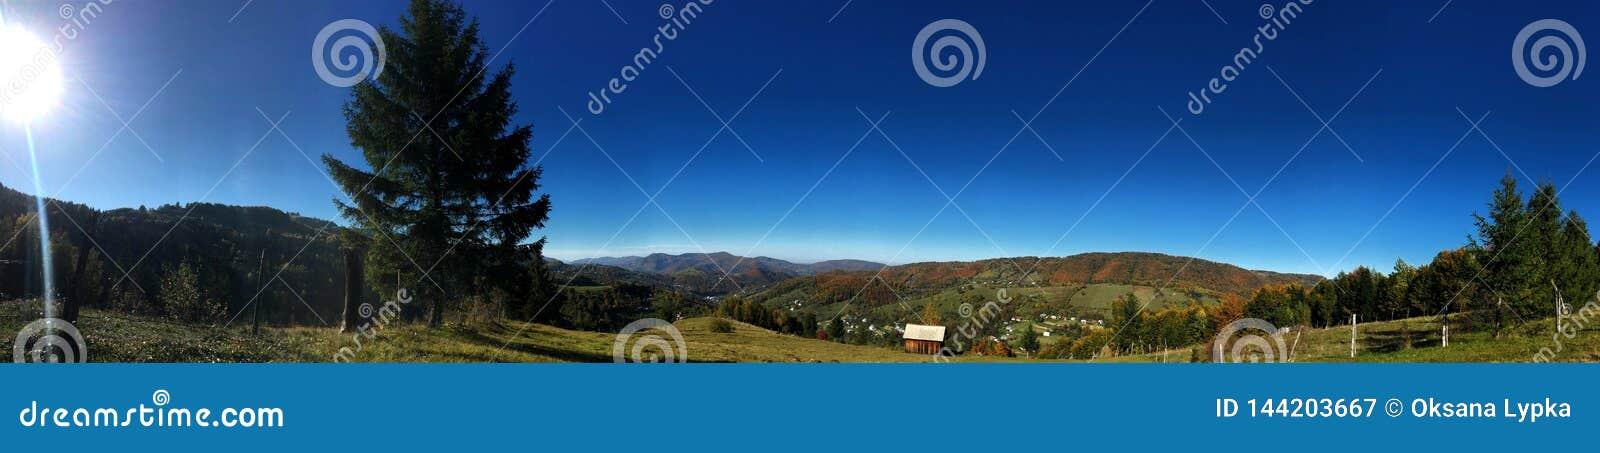 Automne dans les montagnes, panorama d un paysage montagneux sur le fond d un ciel bleu